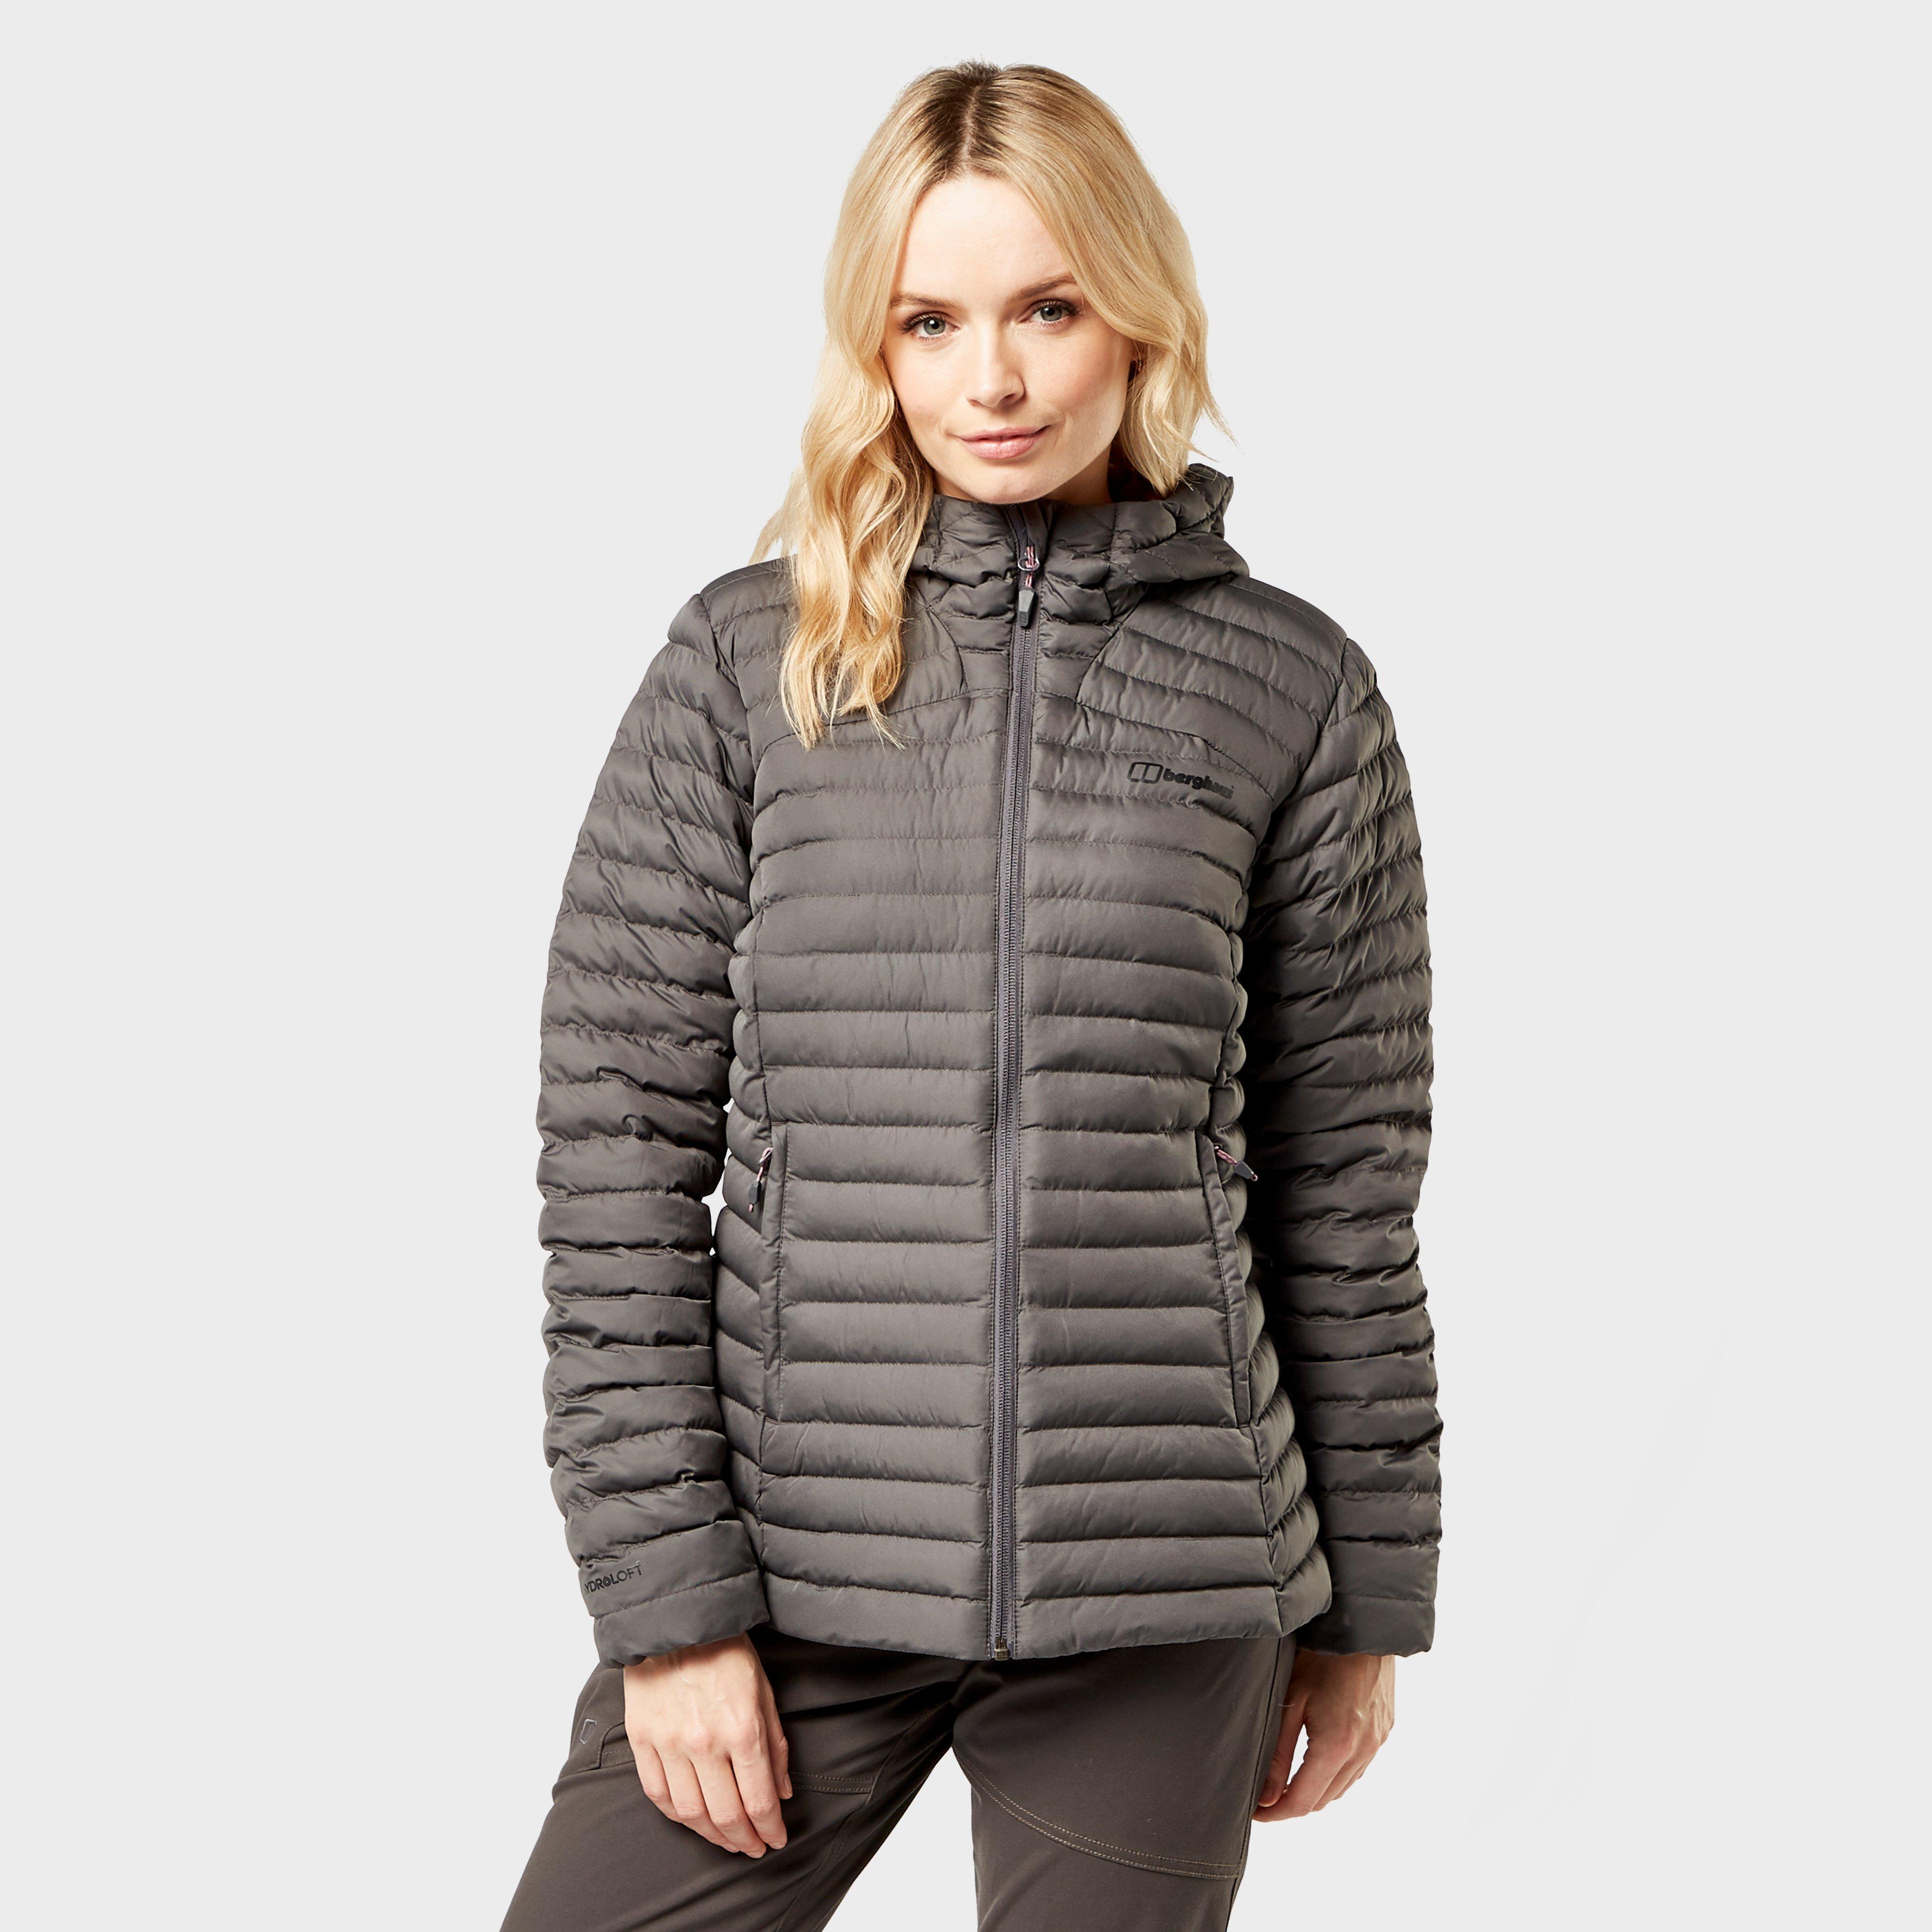 Berghaus Women's Nula Jacket - Grey, Grey